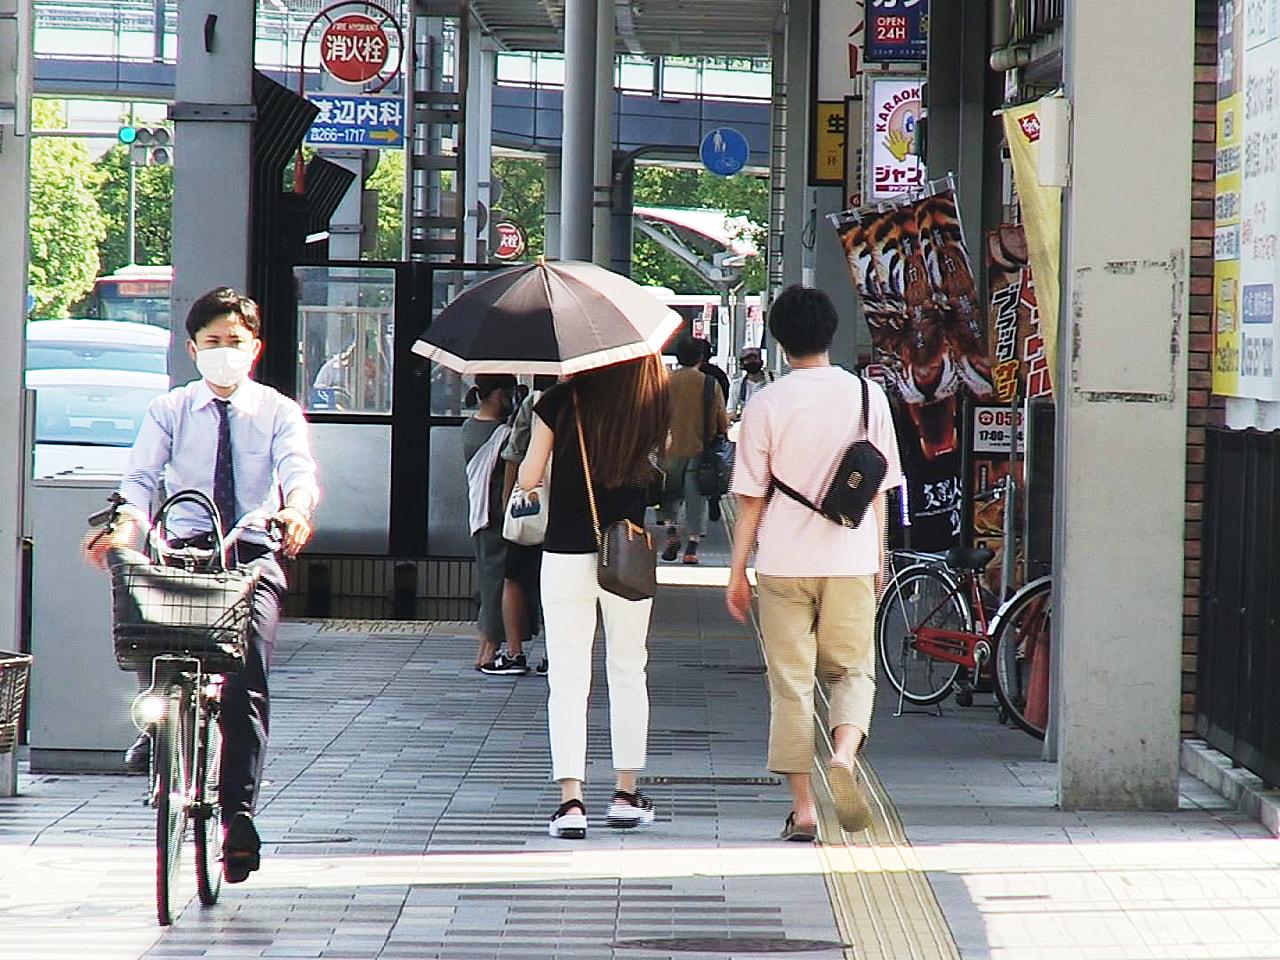 岐阜県内は、23日も厳しい暑さが続き、大垣市や美濃市などは5日連続で猛暑日となり...